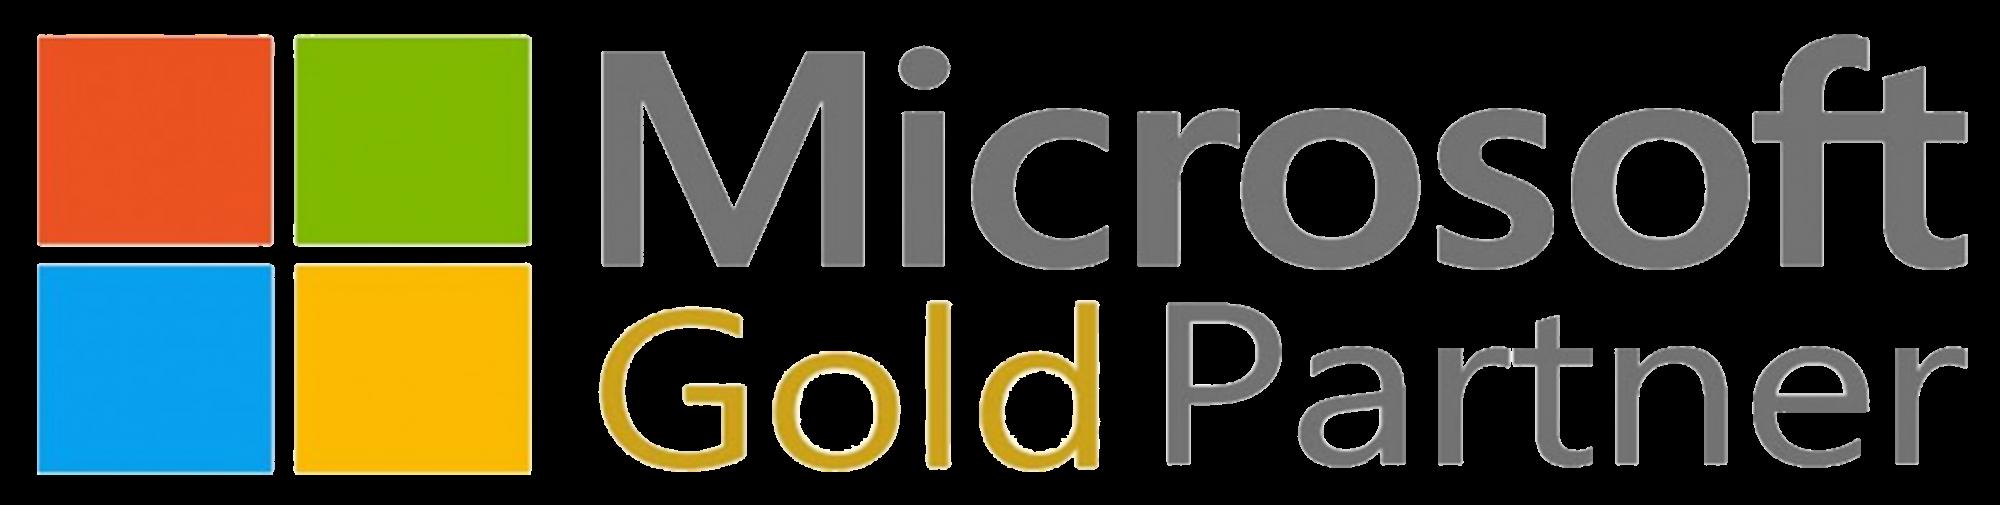 Microsoft-Gold-Partner-Banner-Blog-e1490100366189